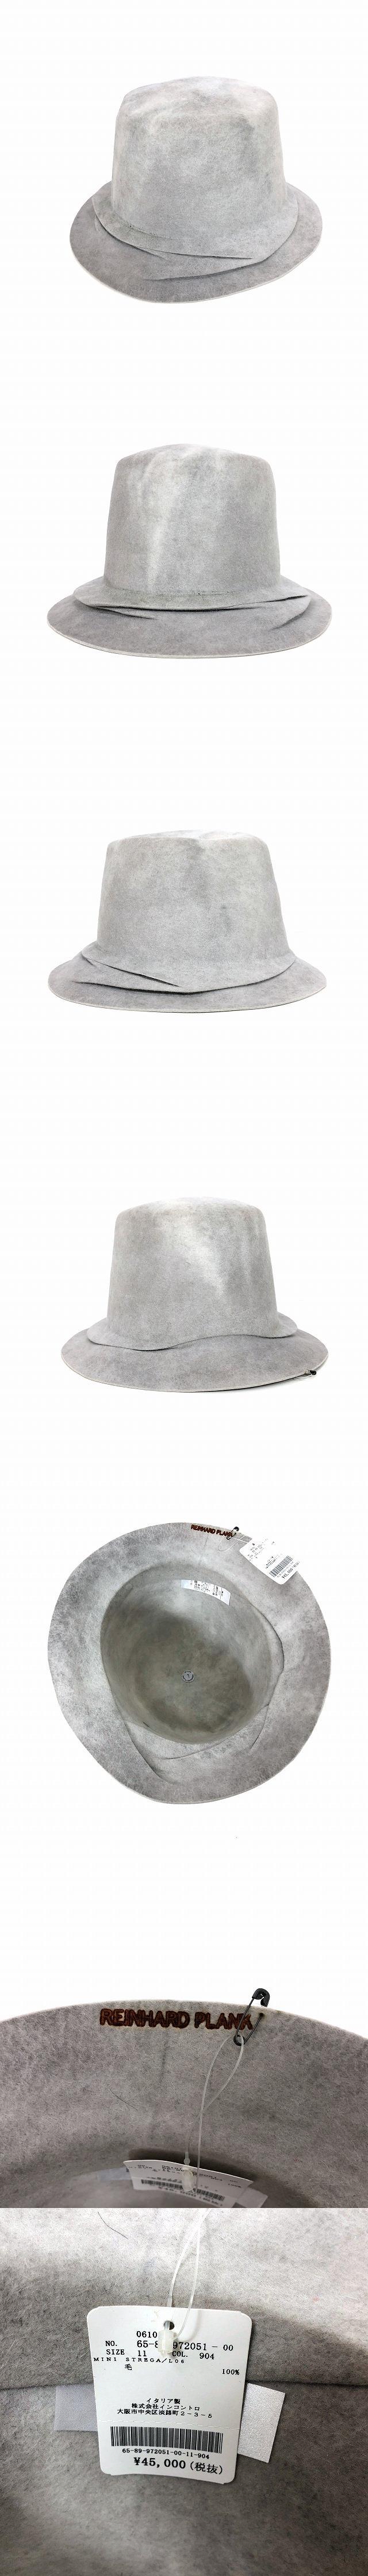 変形 汚し加工 フェルト ハット 帽子 MINI STREGA L06 ダーティホワイト 白 SIZE 11 L 6589972051 col.904